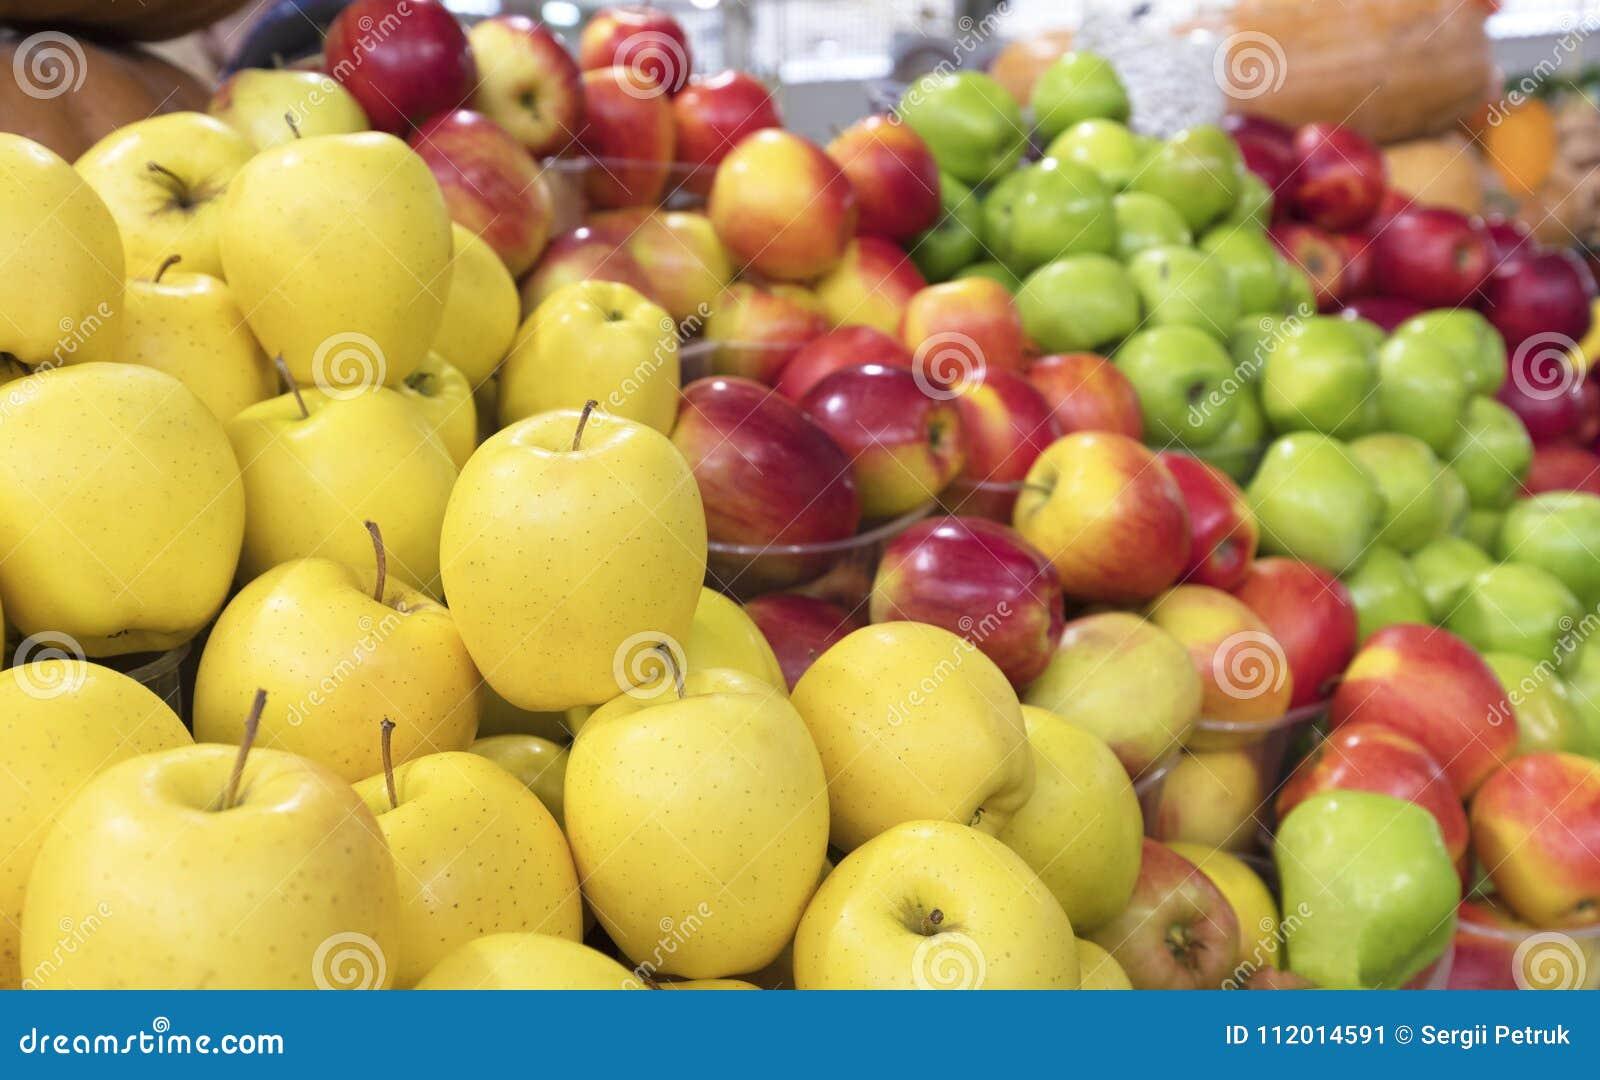 Fundo suculento da maçã do fruto amarelo, vermelho, verde para a venda no mercado